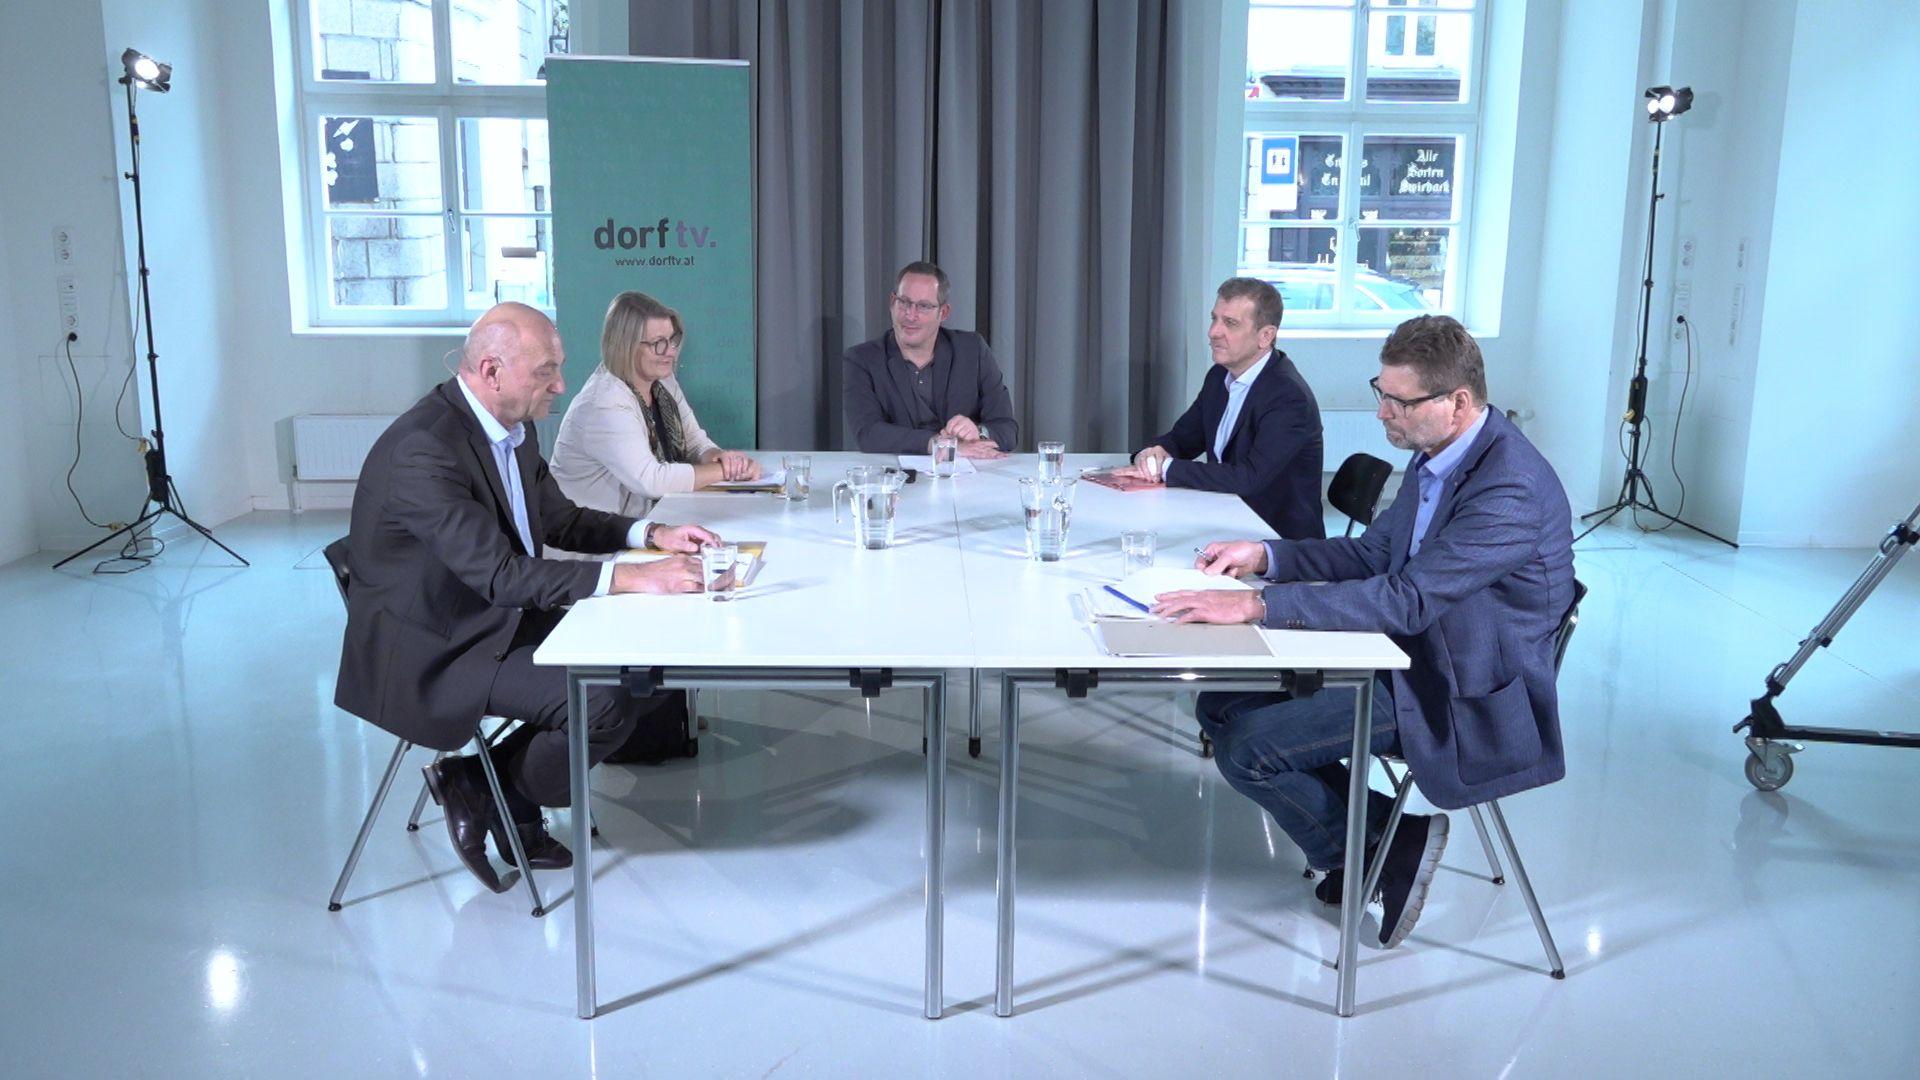 Landtagswahl 2021 – vor welchen Herausforderungen steht Oberösterreich?